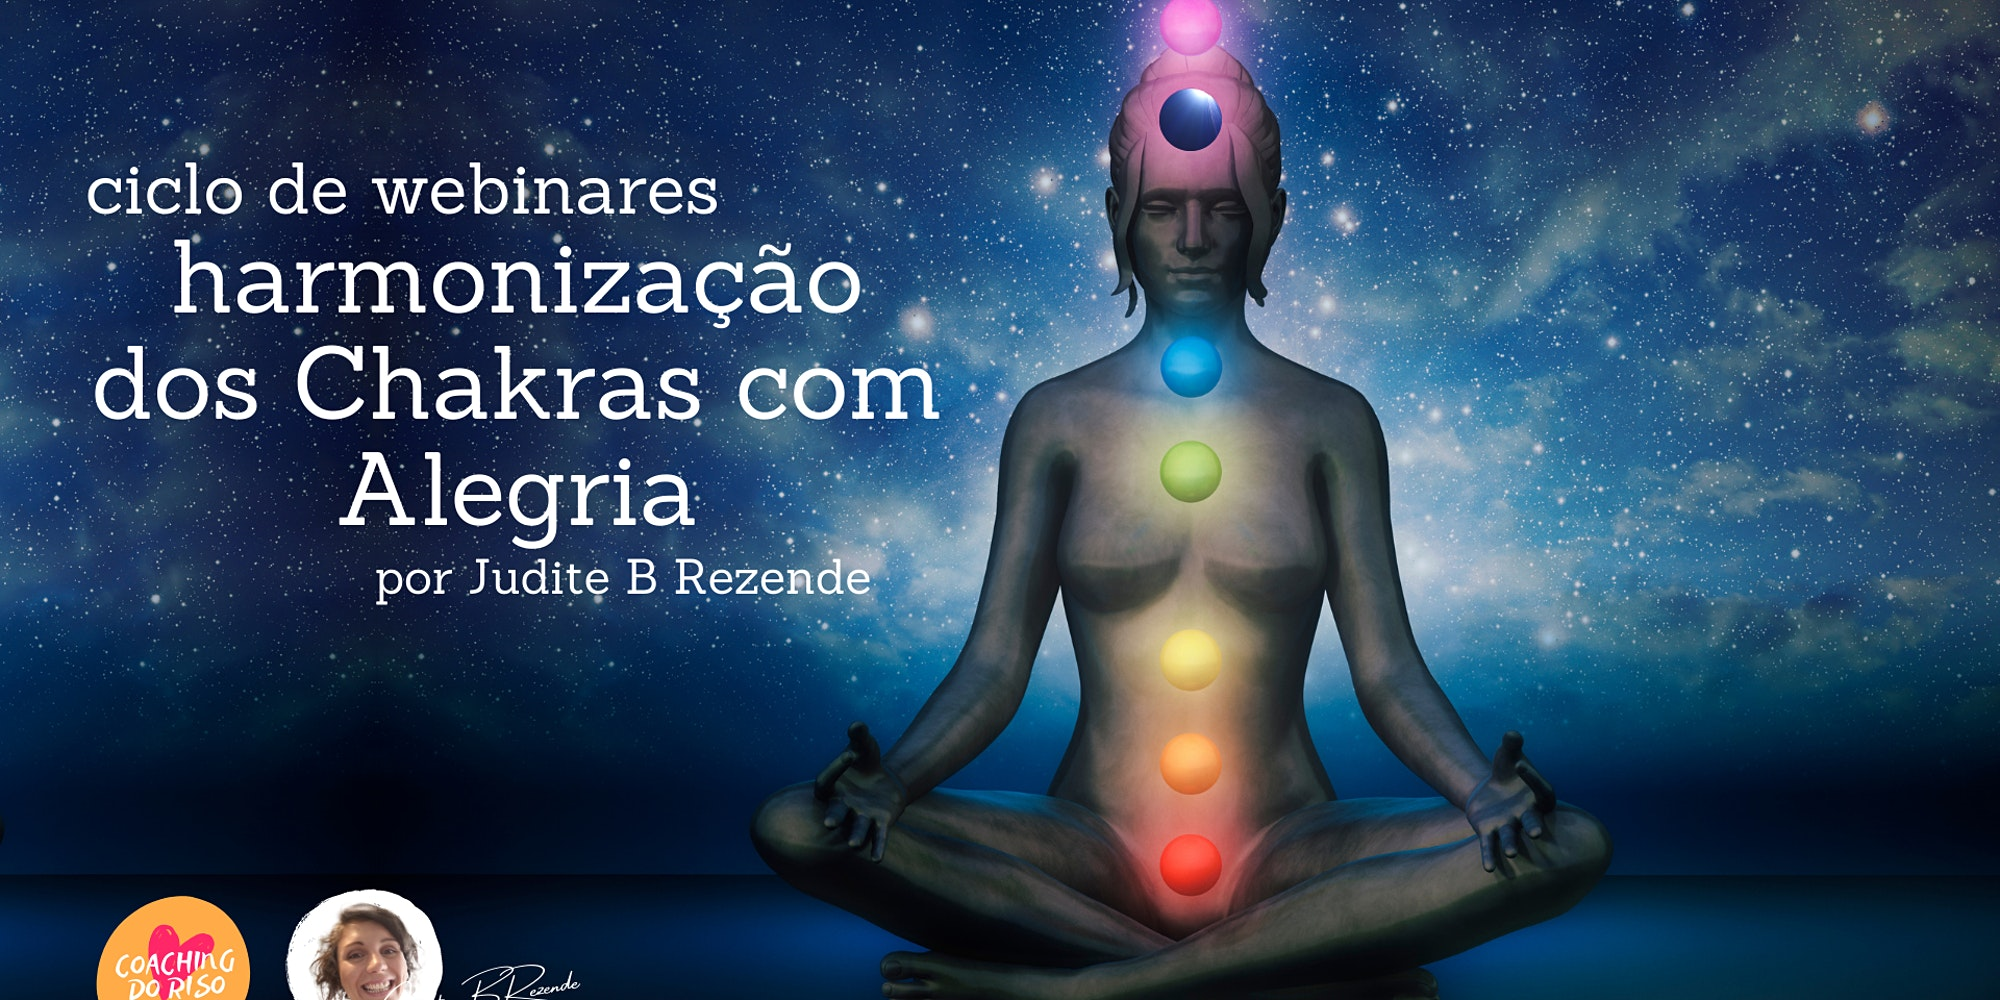 Harmonização dos Chakras com Alegria